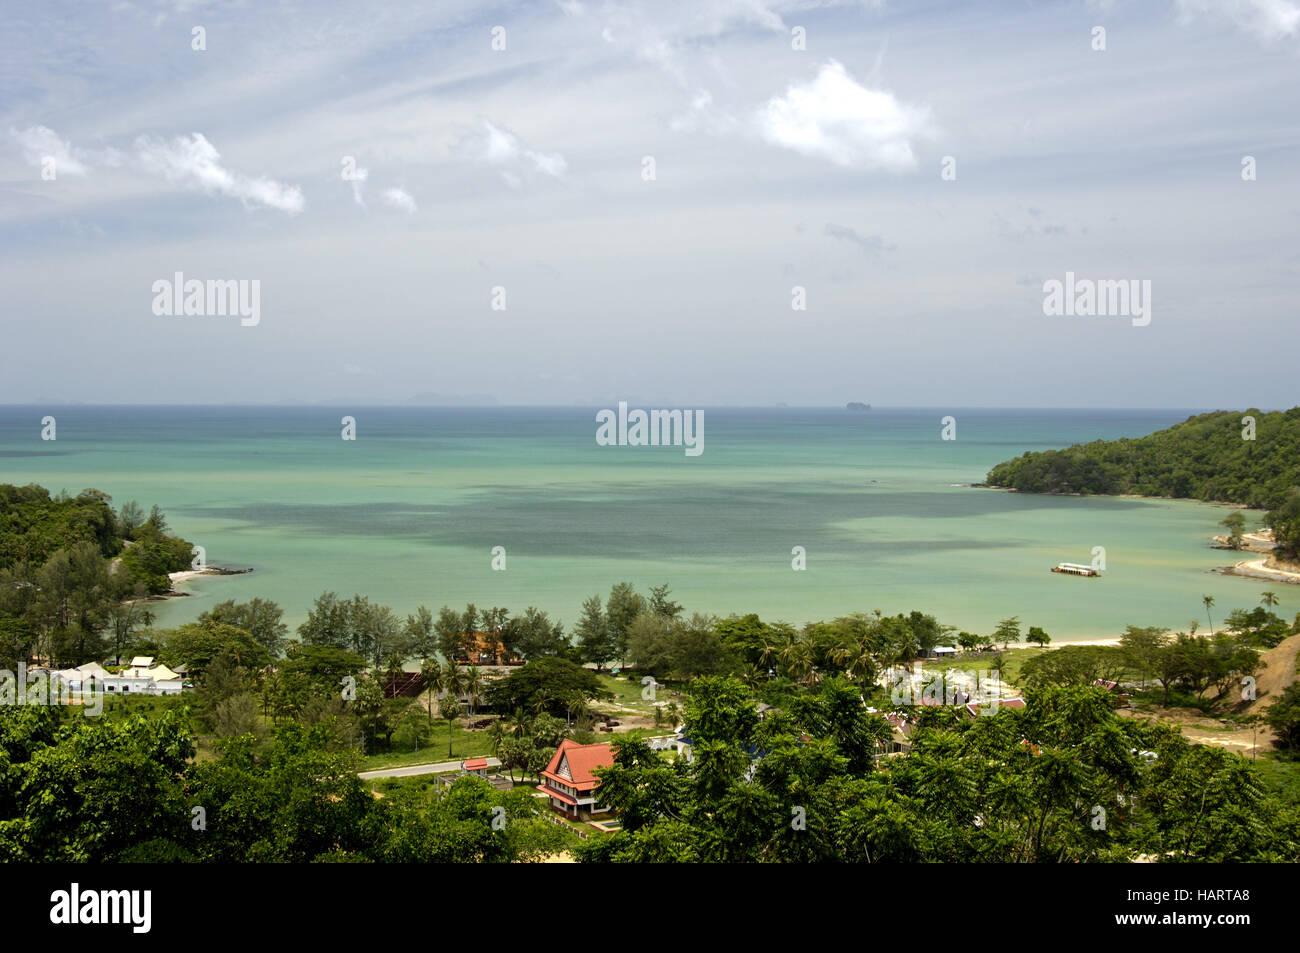 Phuket Bay - Stock Image